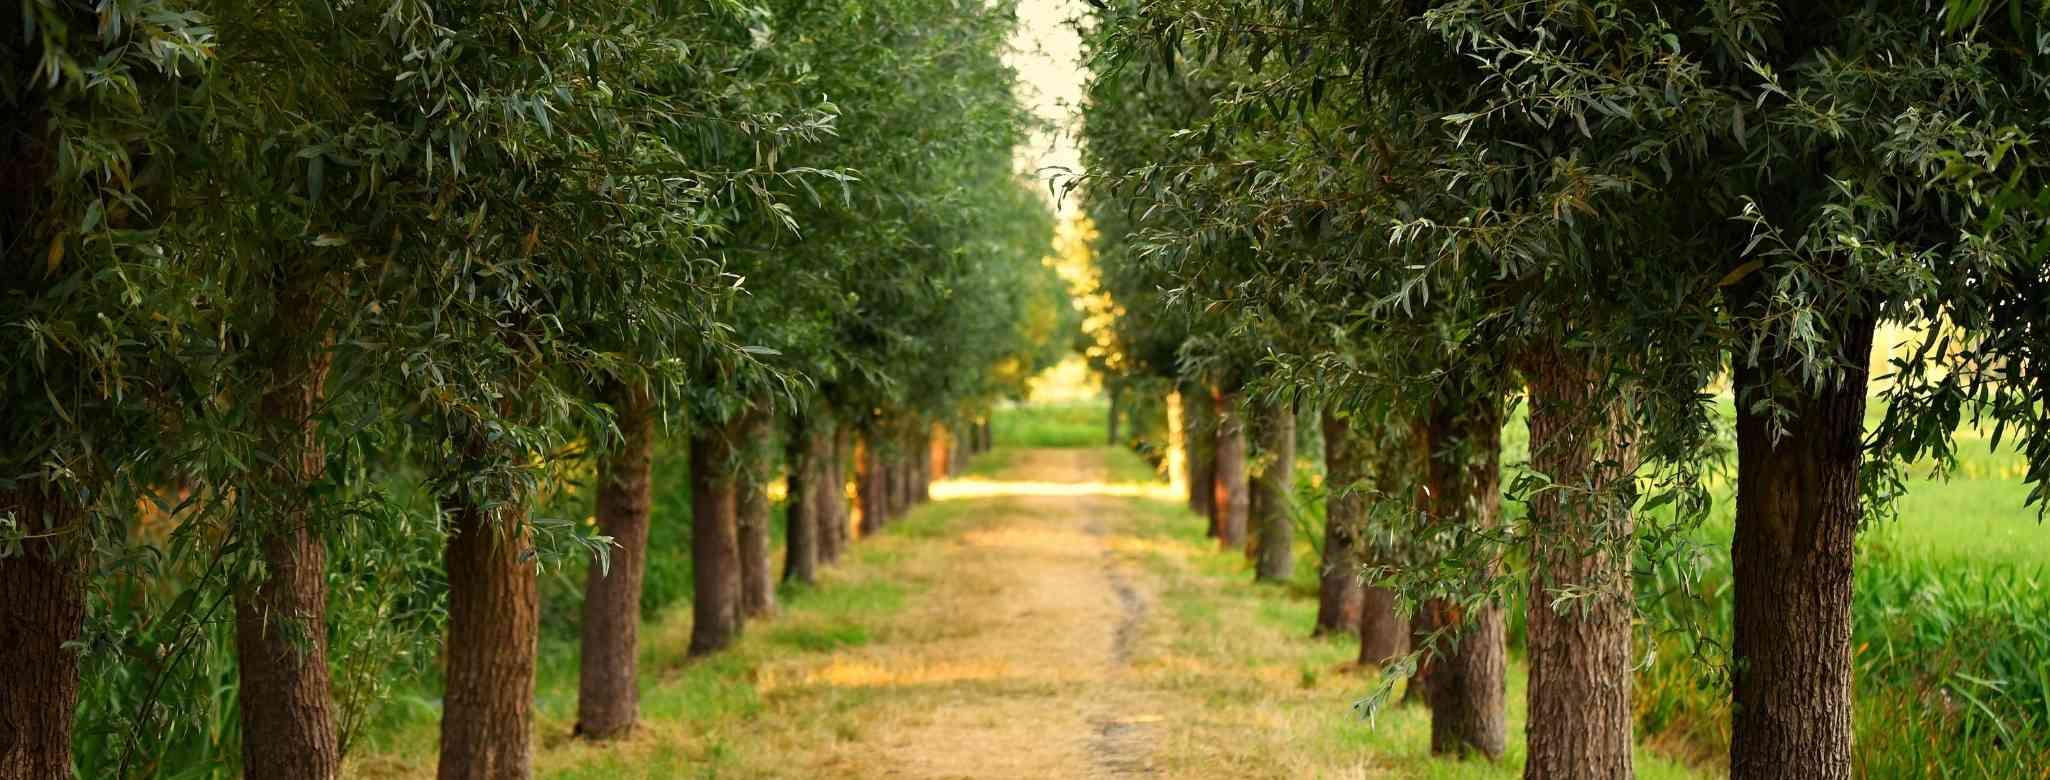 חובת גיזום עצים